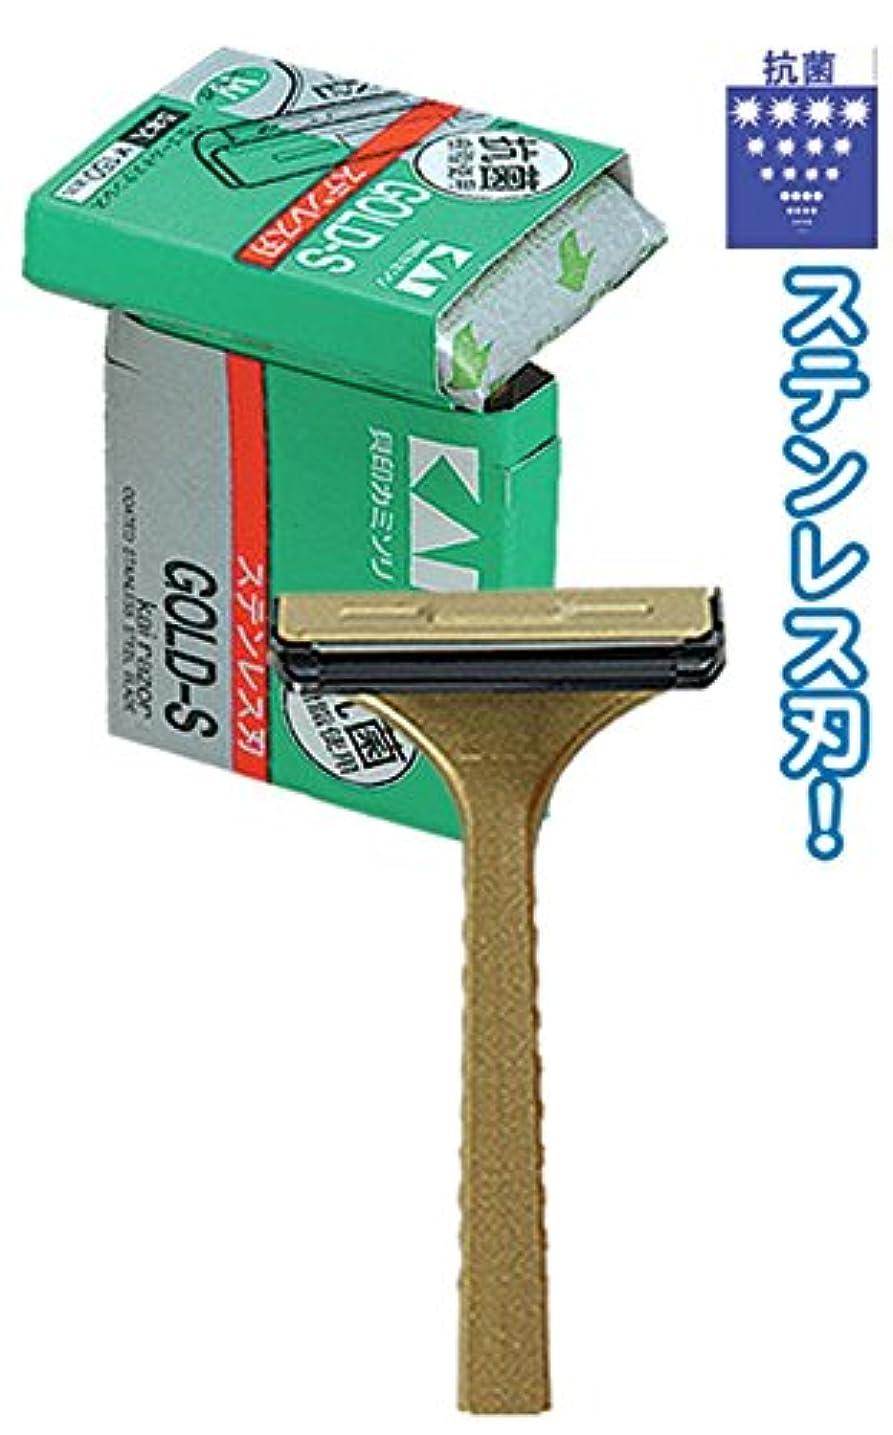 雨の回転する寄り添う貝印00-508 T型ゴールドステンレス(5P) 【まとめ買い20個セット】 21-025